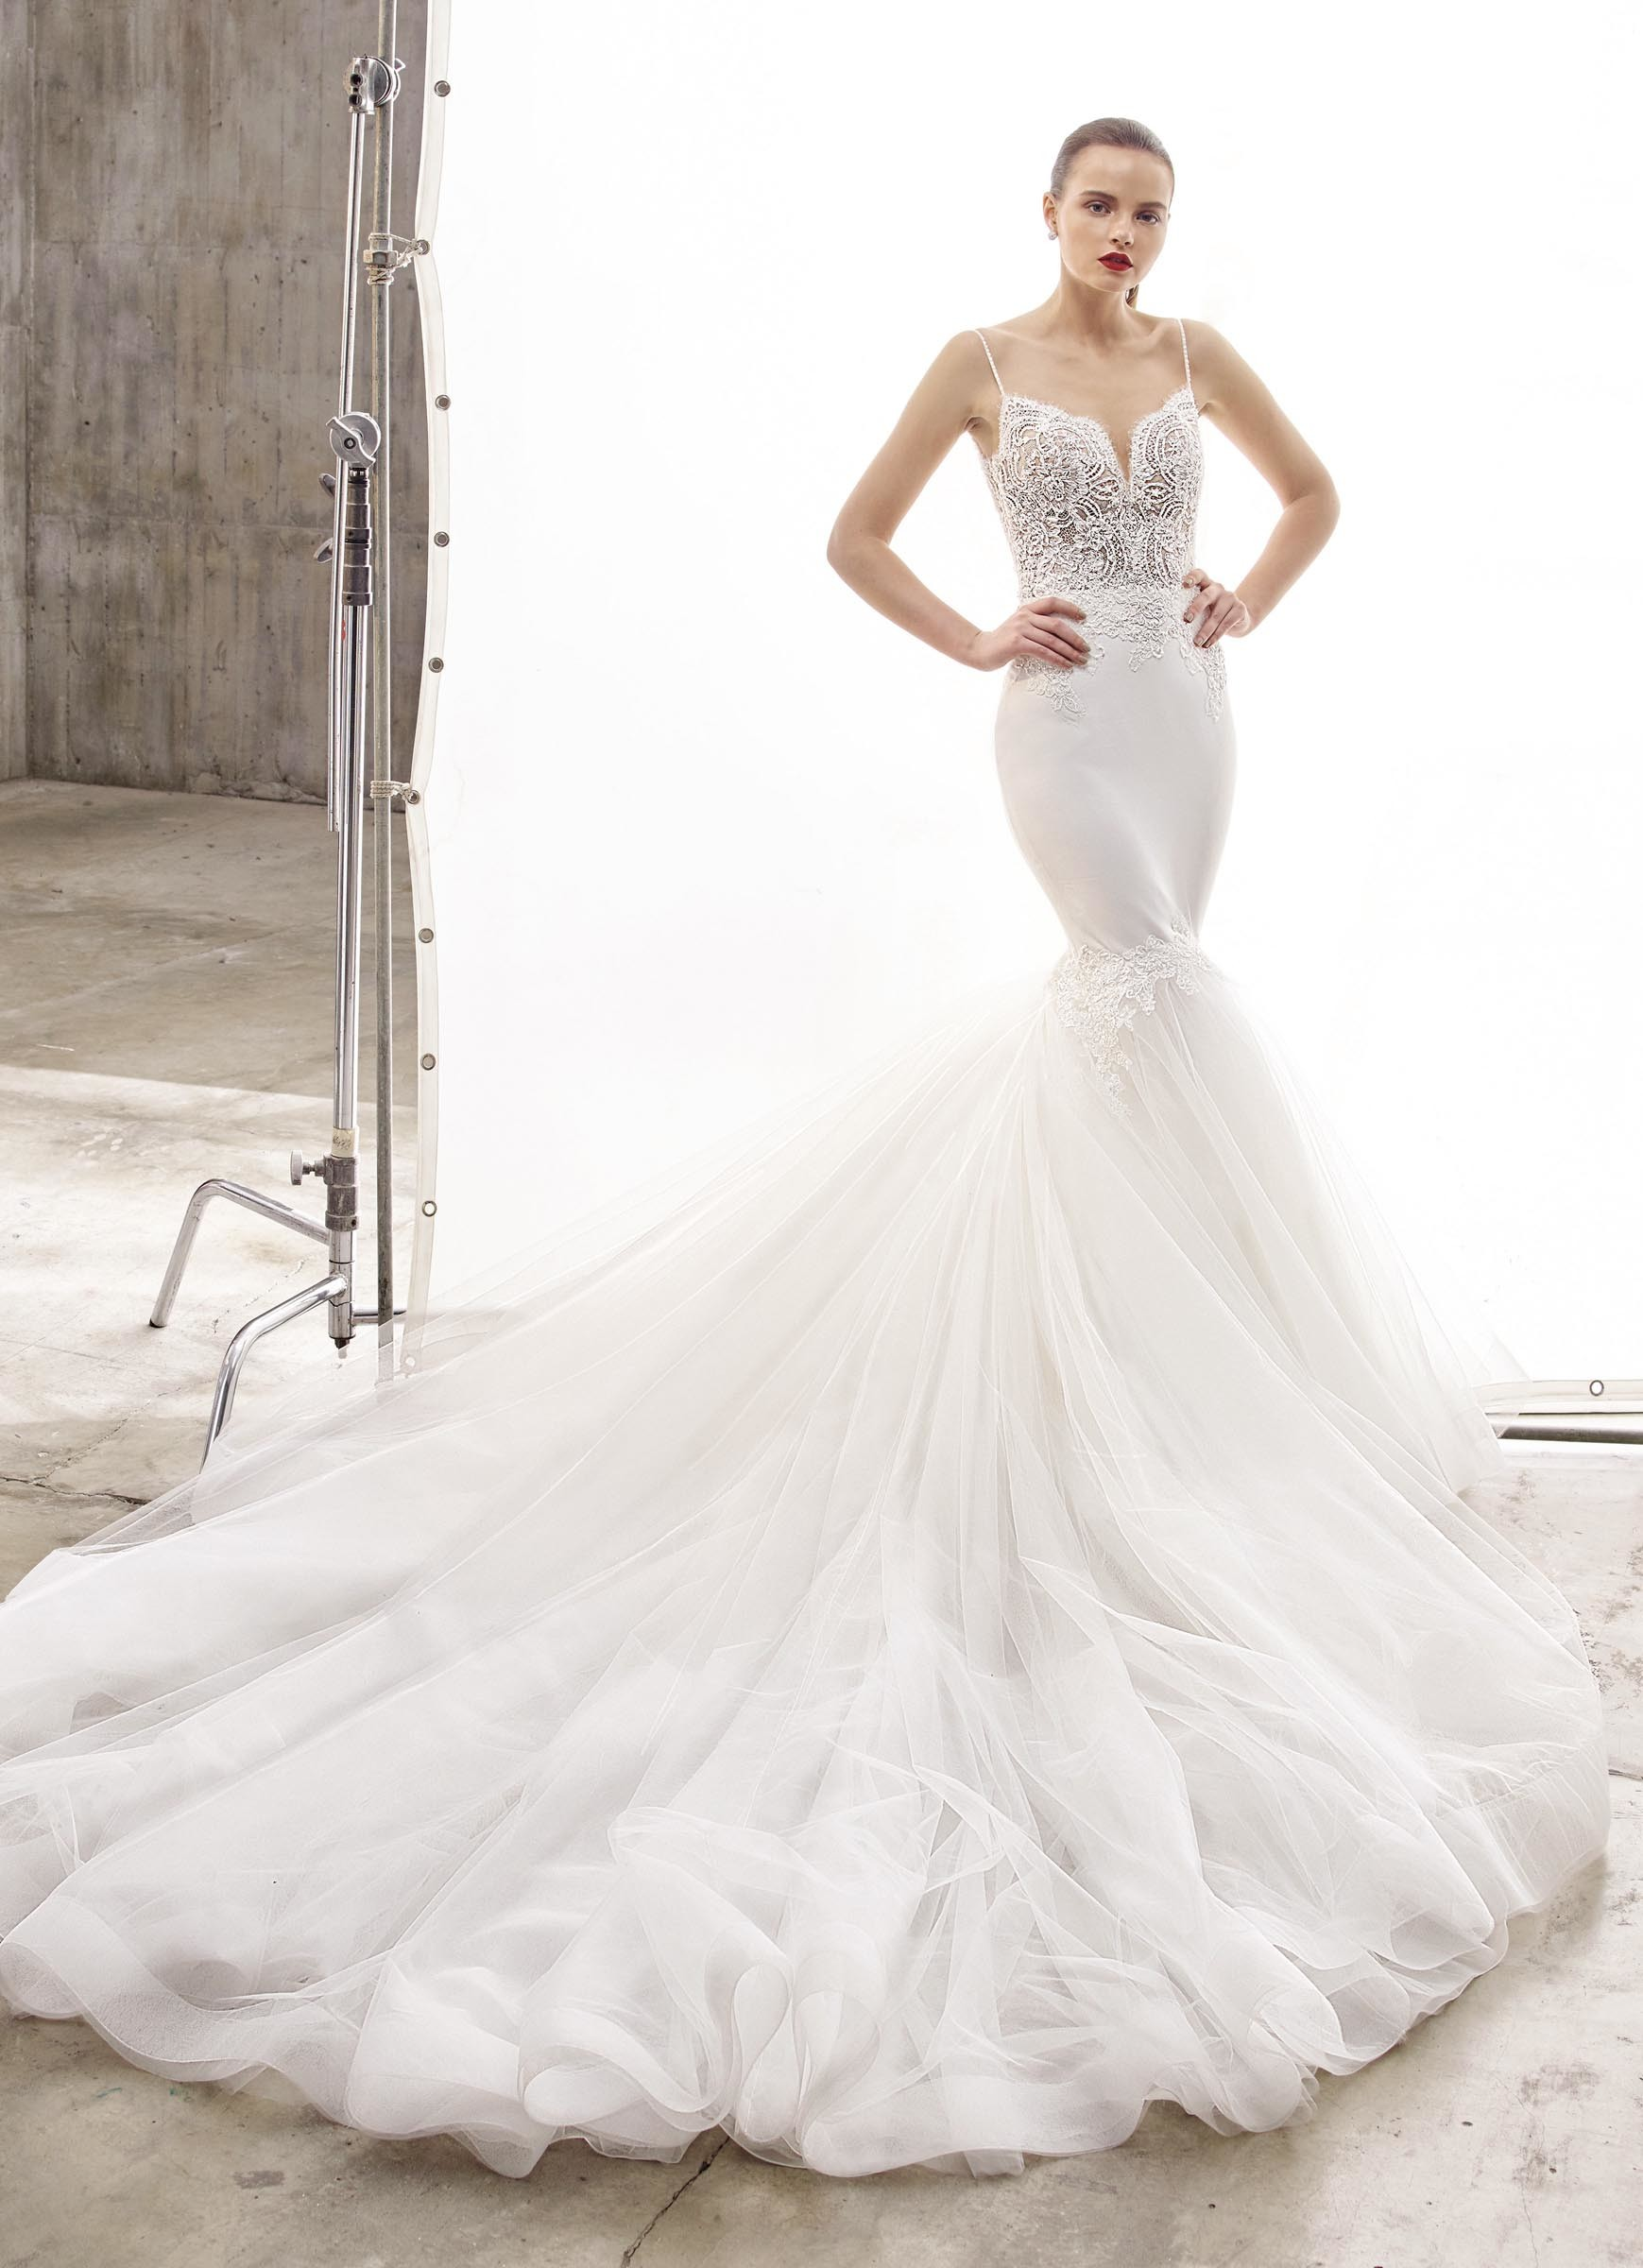 Weißes Brautkleid im Fit-and-Flare-Schnitt mit transparenter Spitzenkorsage, Spaghettiträgern und voluminöser Schleppe von Enzoani, Modell Naya, Frontansicht